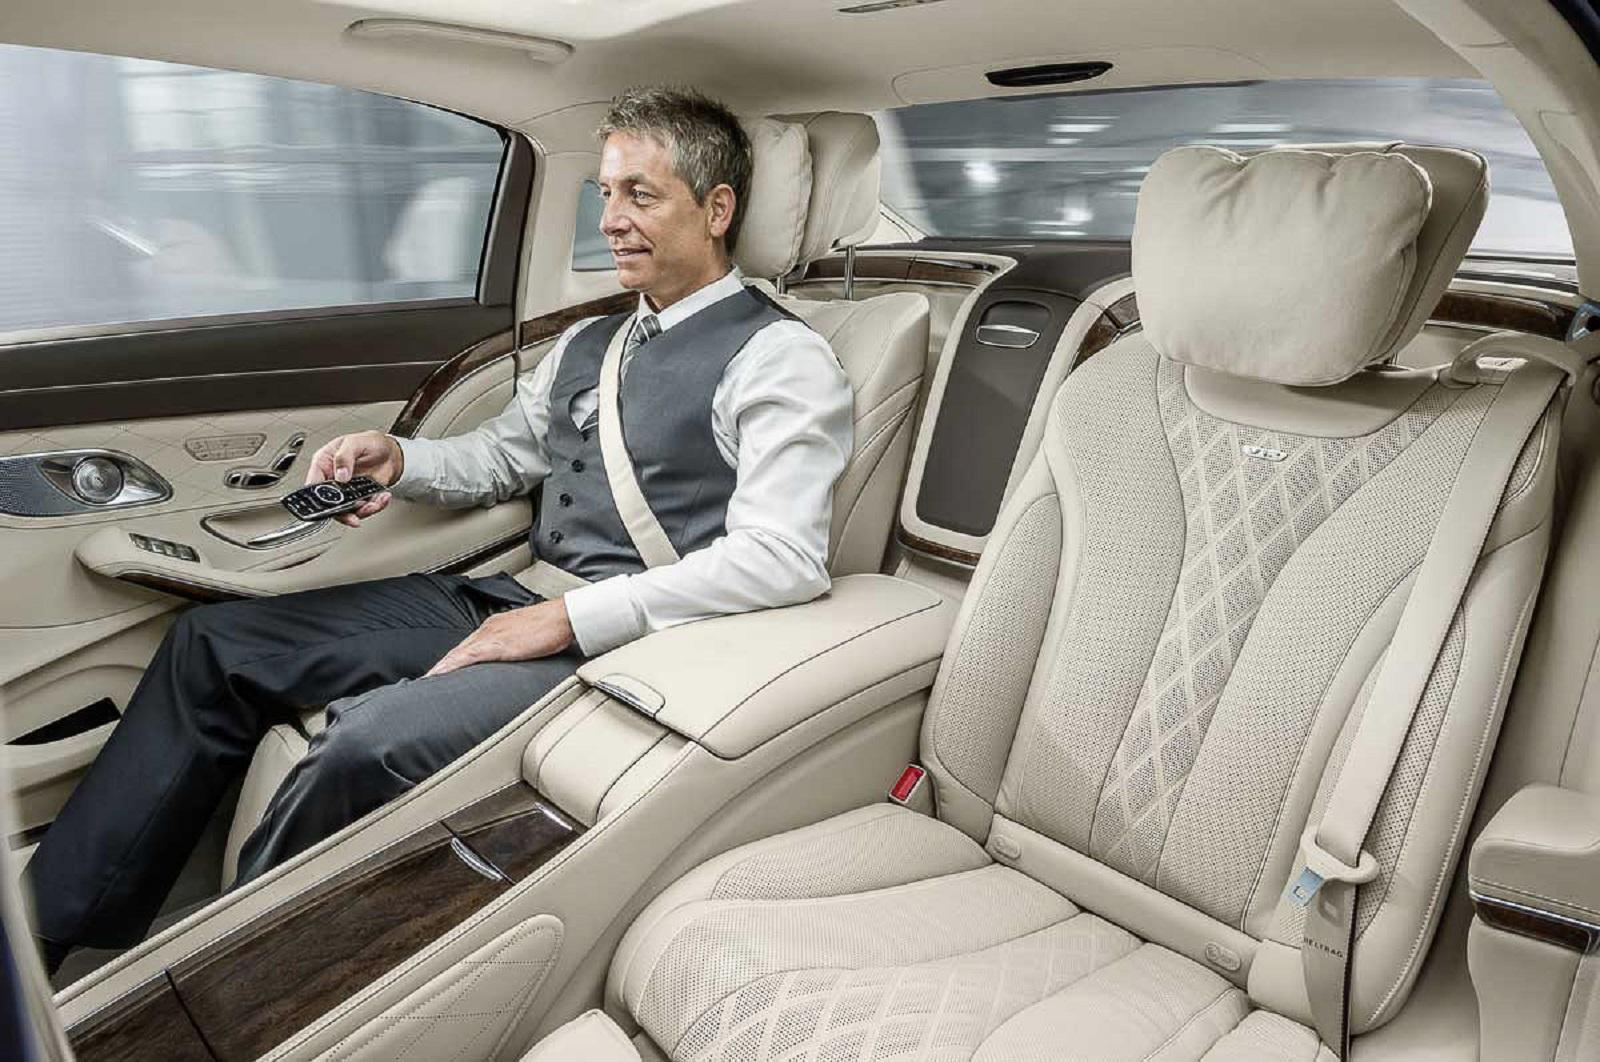 Giao tiếp khéo léo trong việc chọn vị trí ngồi trên xe ô tô khi đi cùng sếp - Ảnh 1.